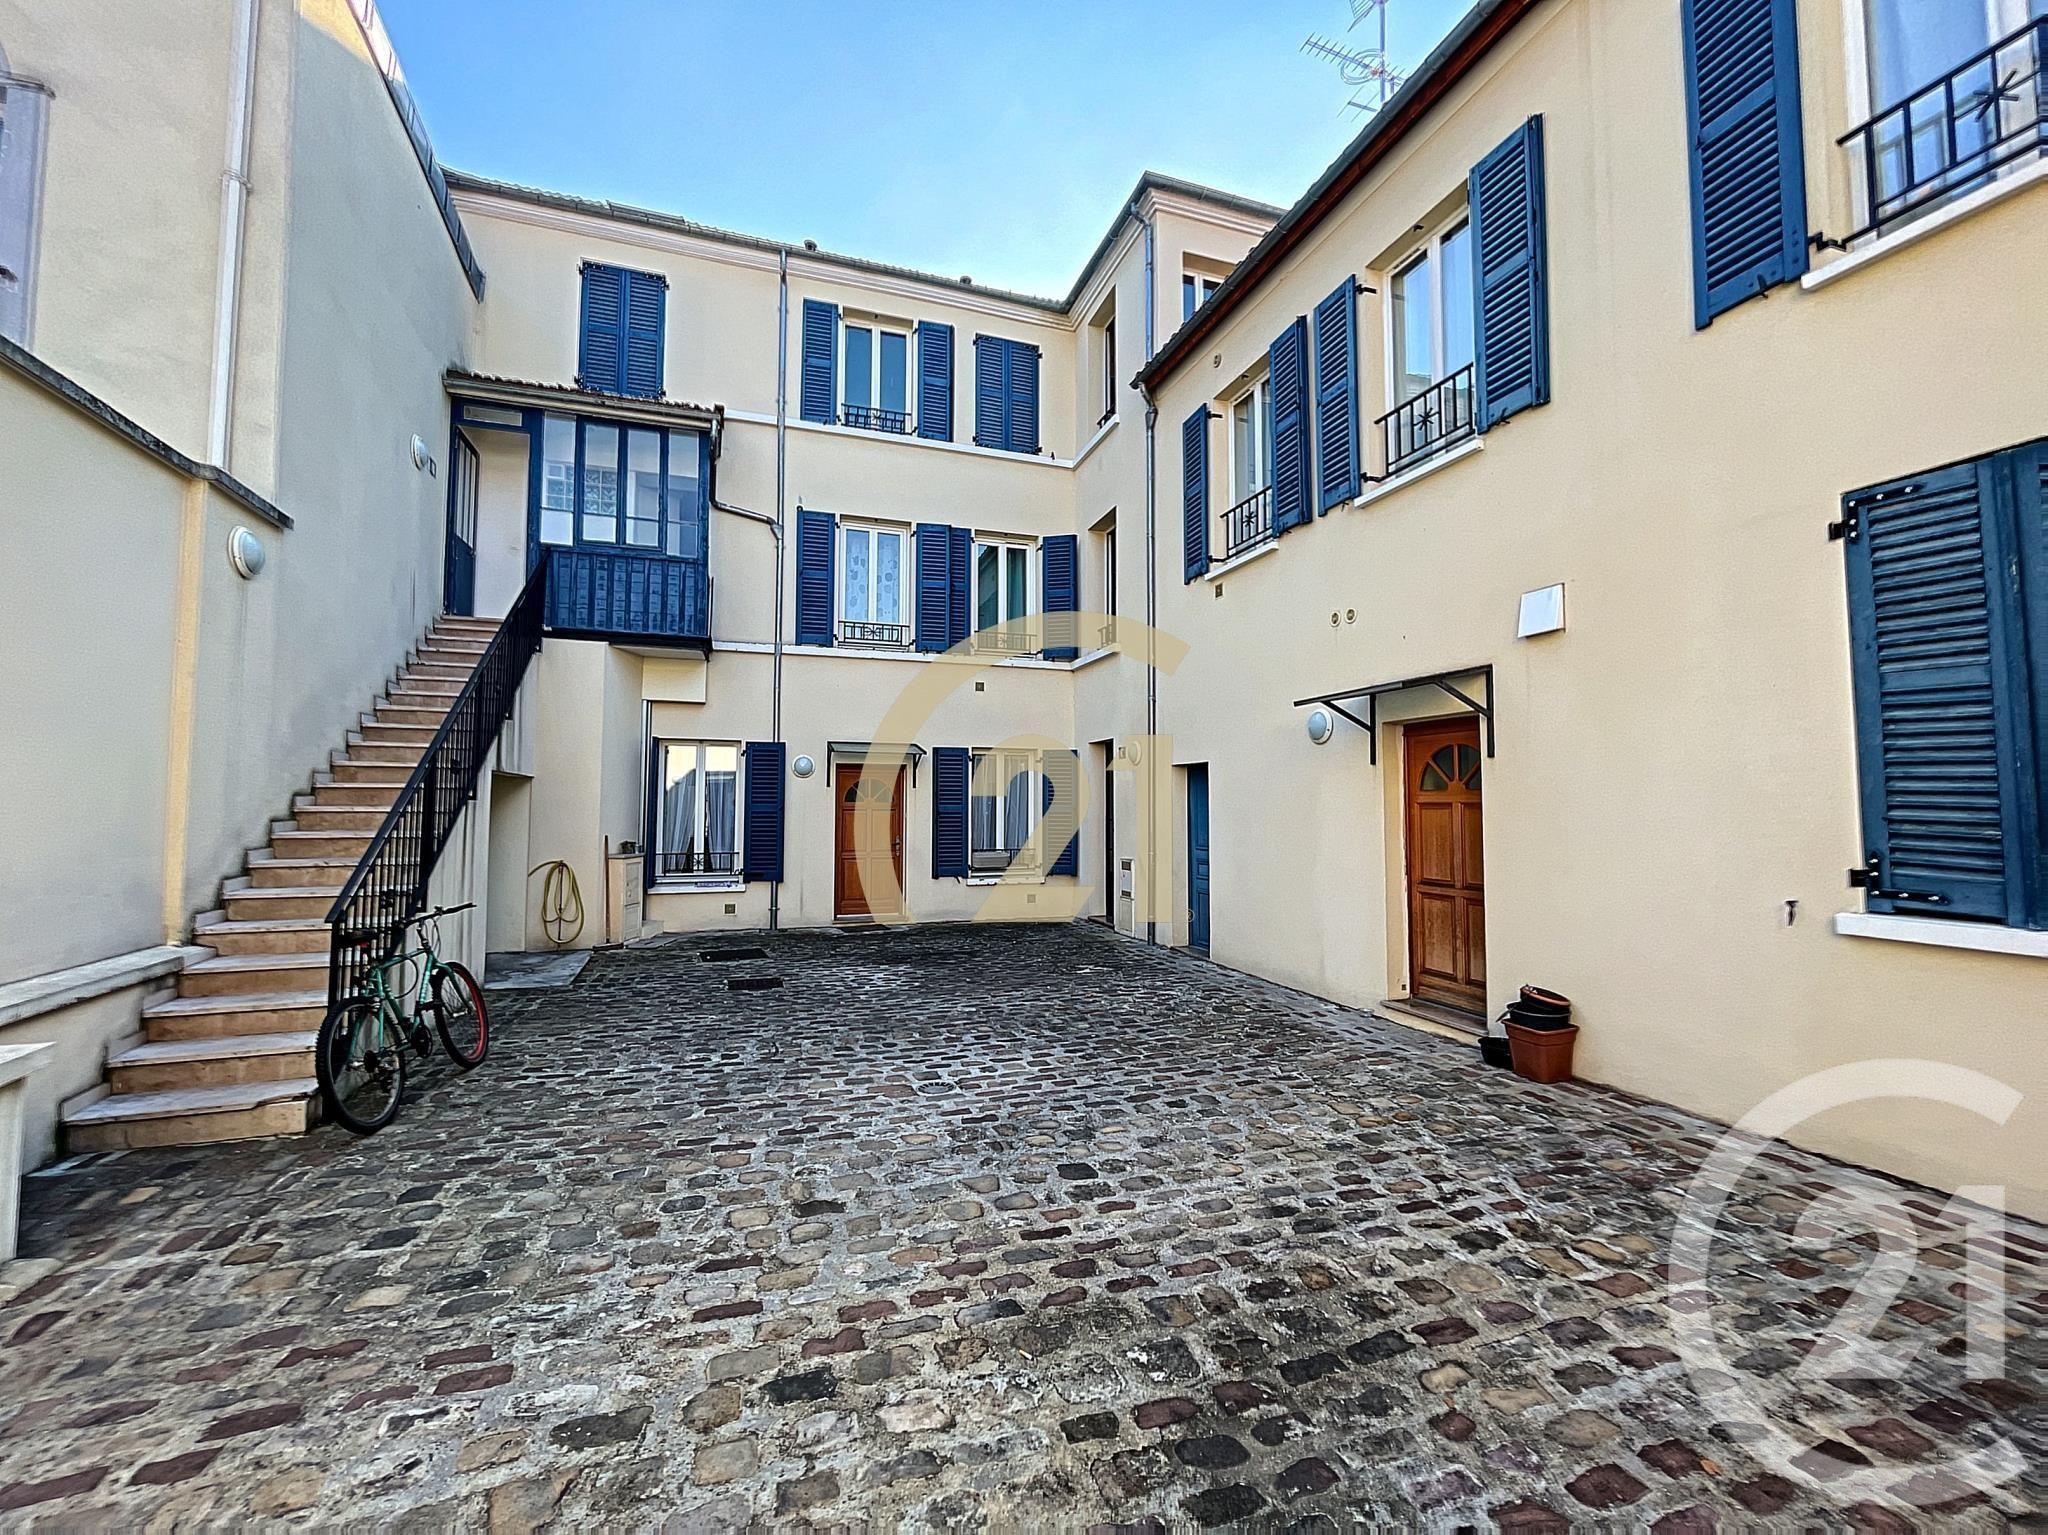 Appartement a louer nanterre - 1 pièce(s) - 29.51 m2 - Surfyn